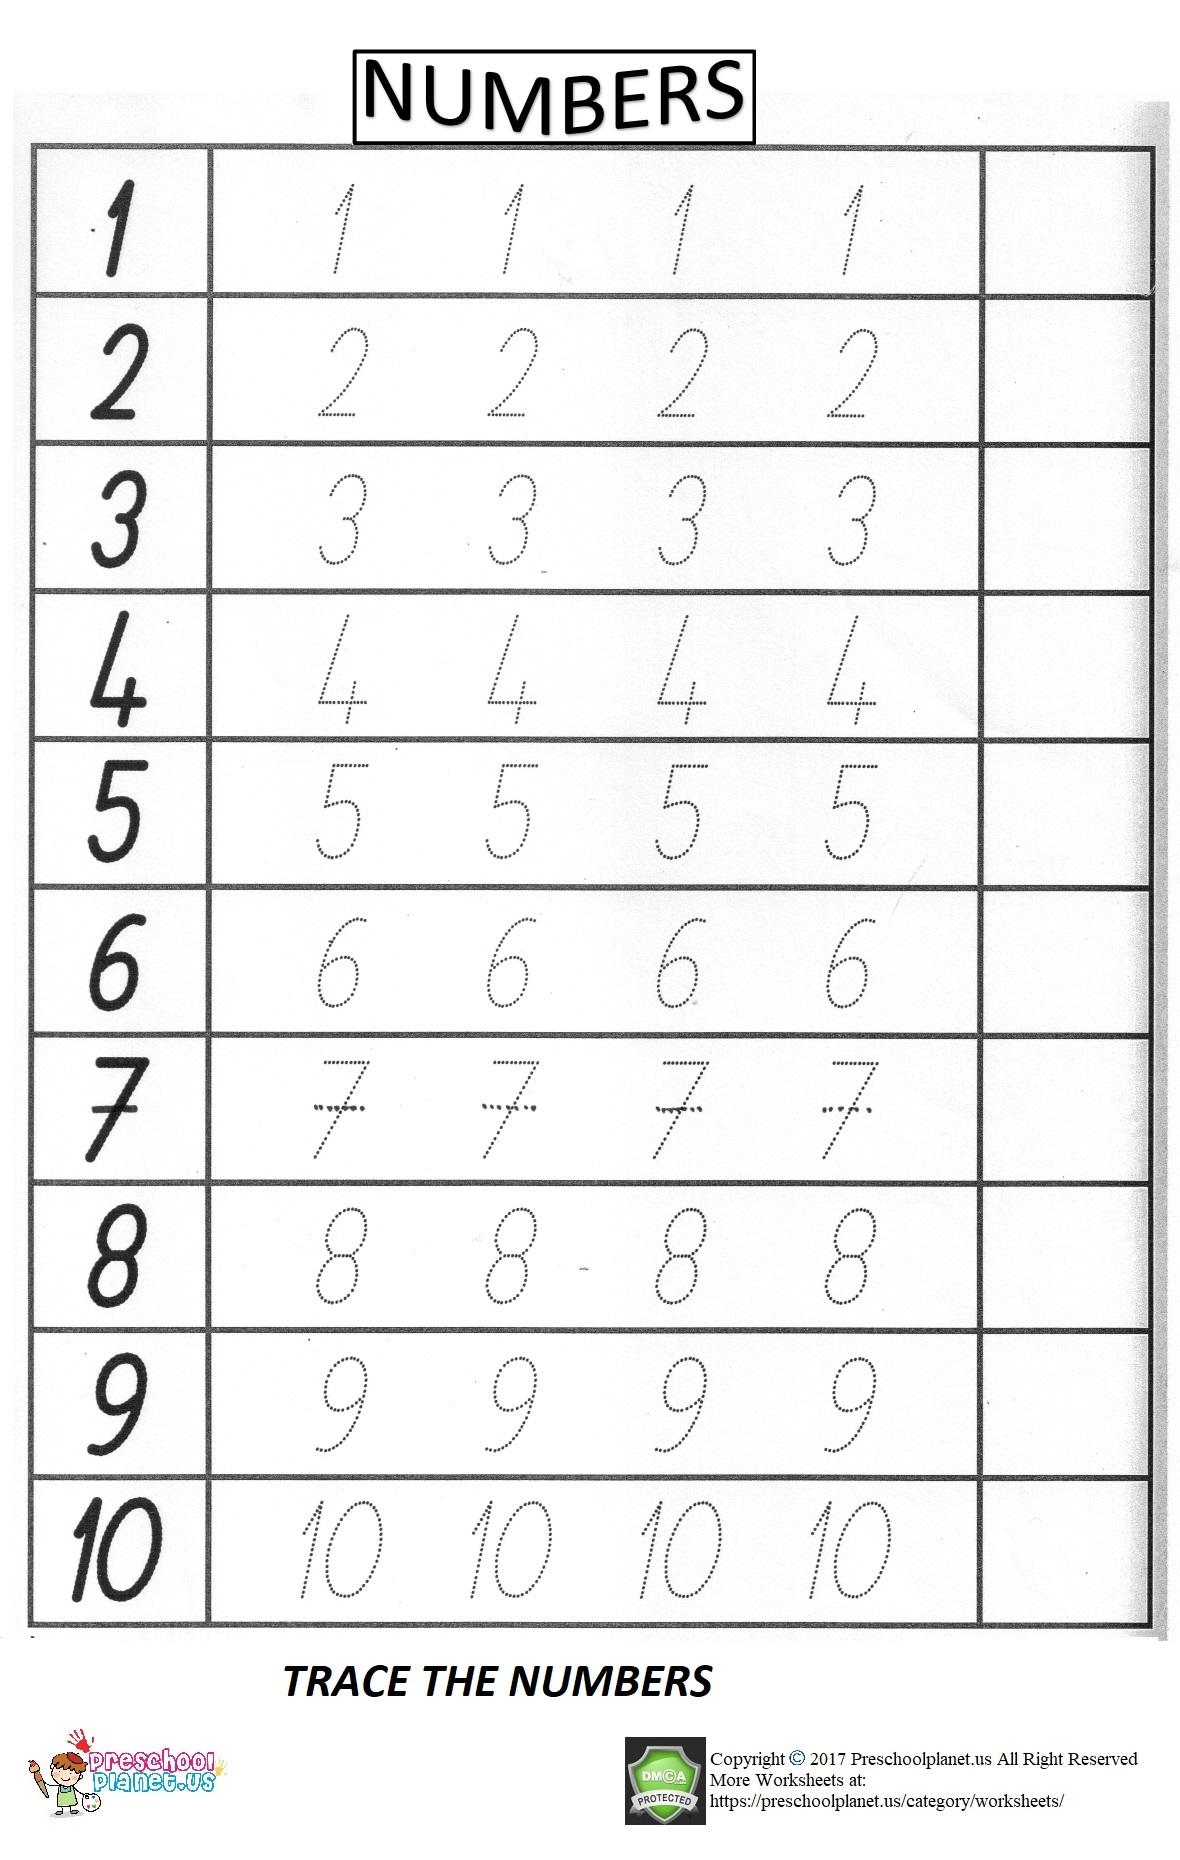 Number Trace Worksheet For Preschool Preschoolplanet